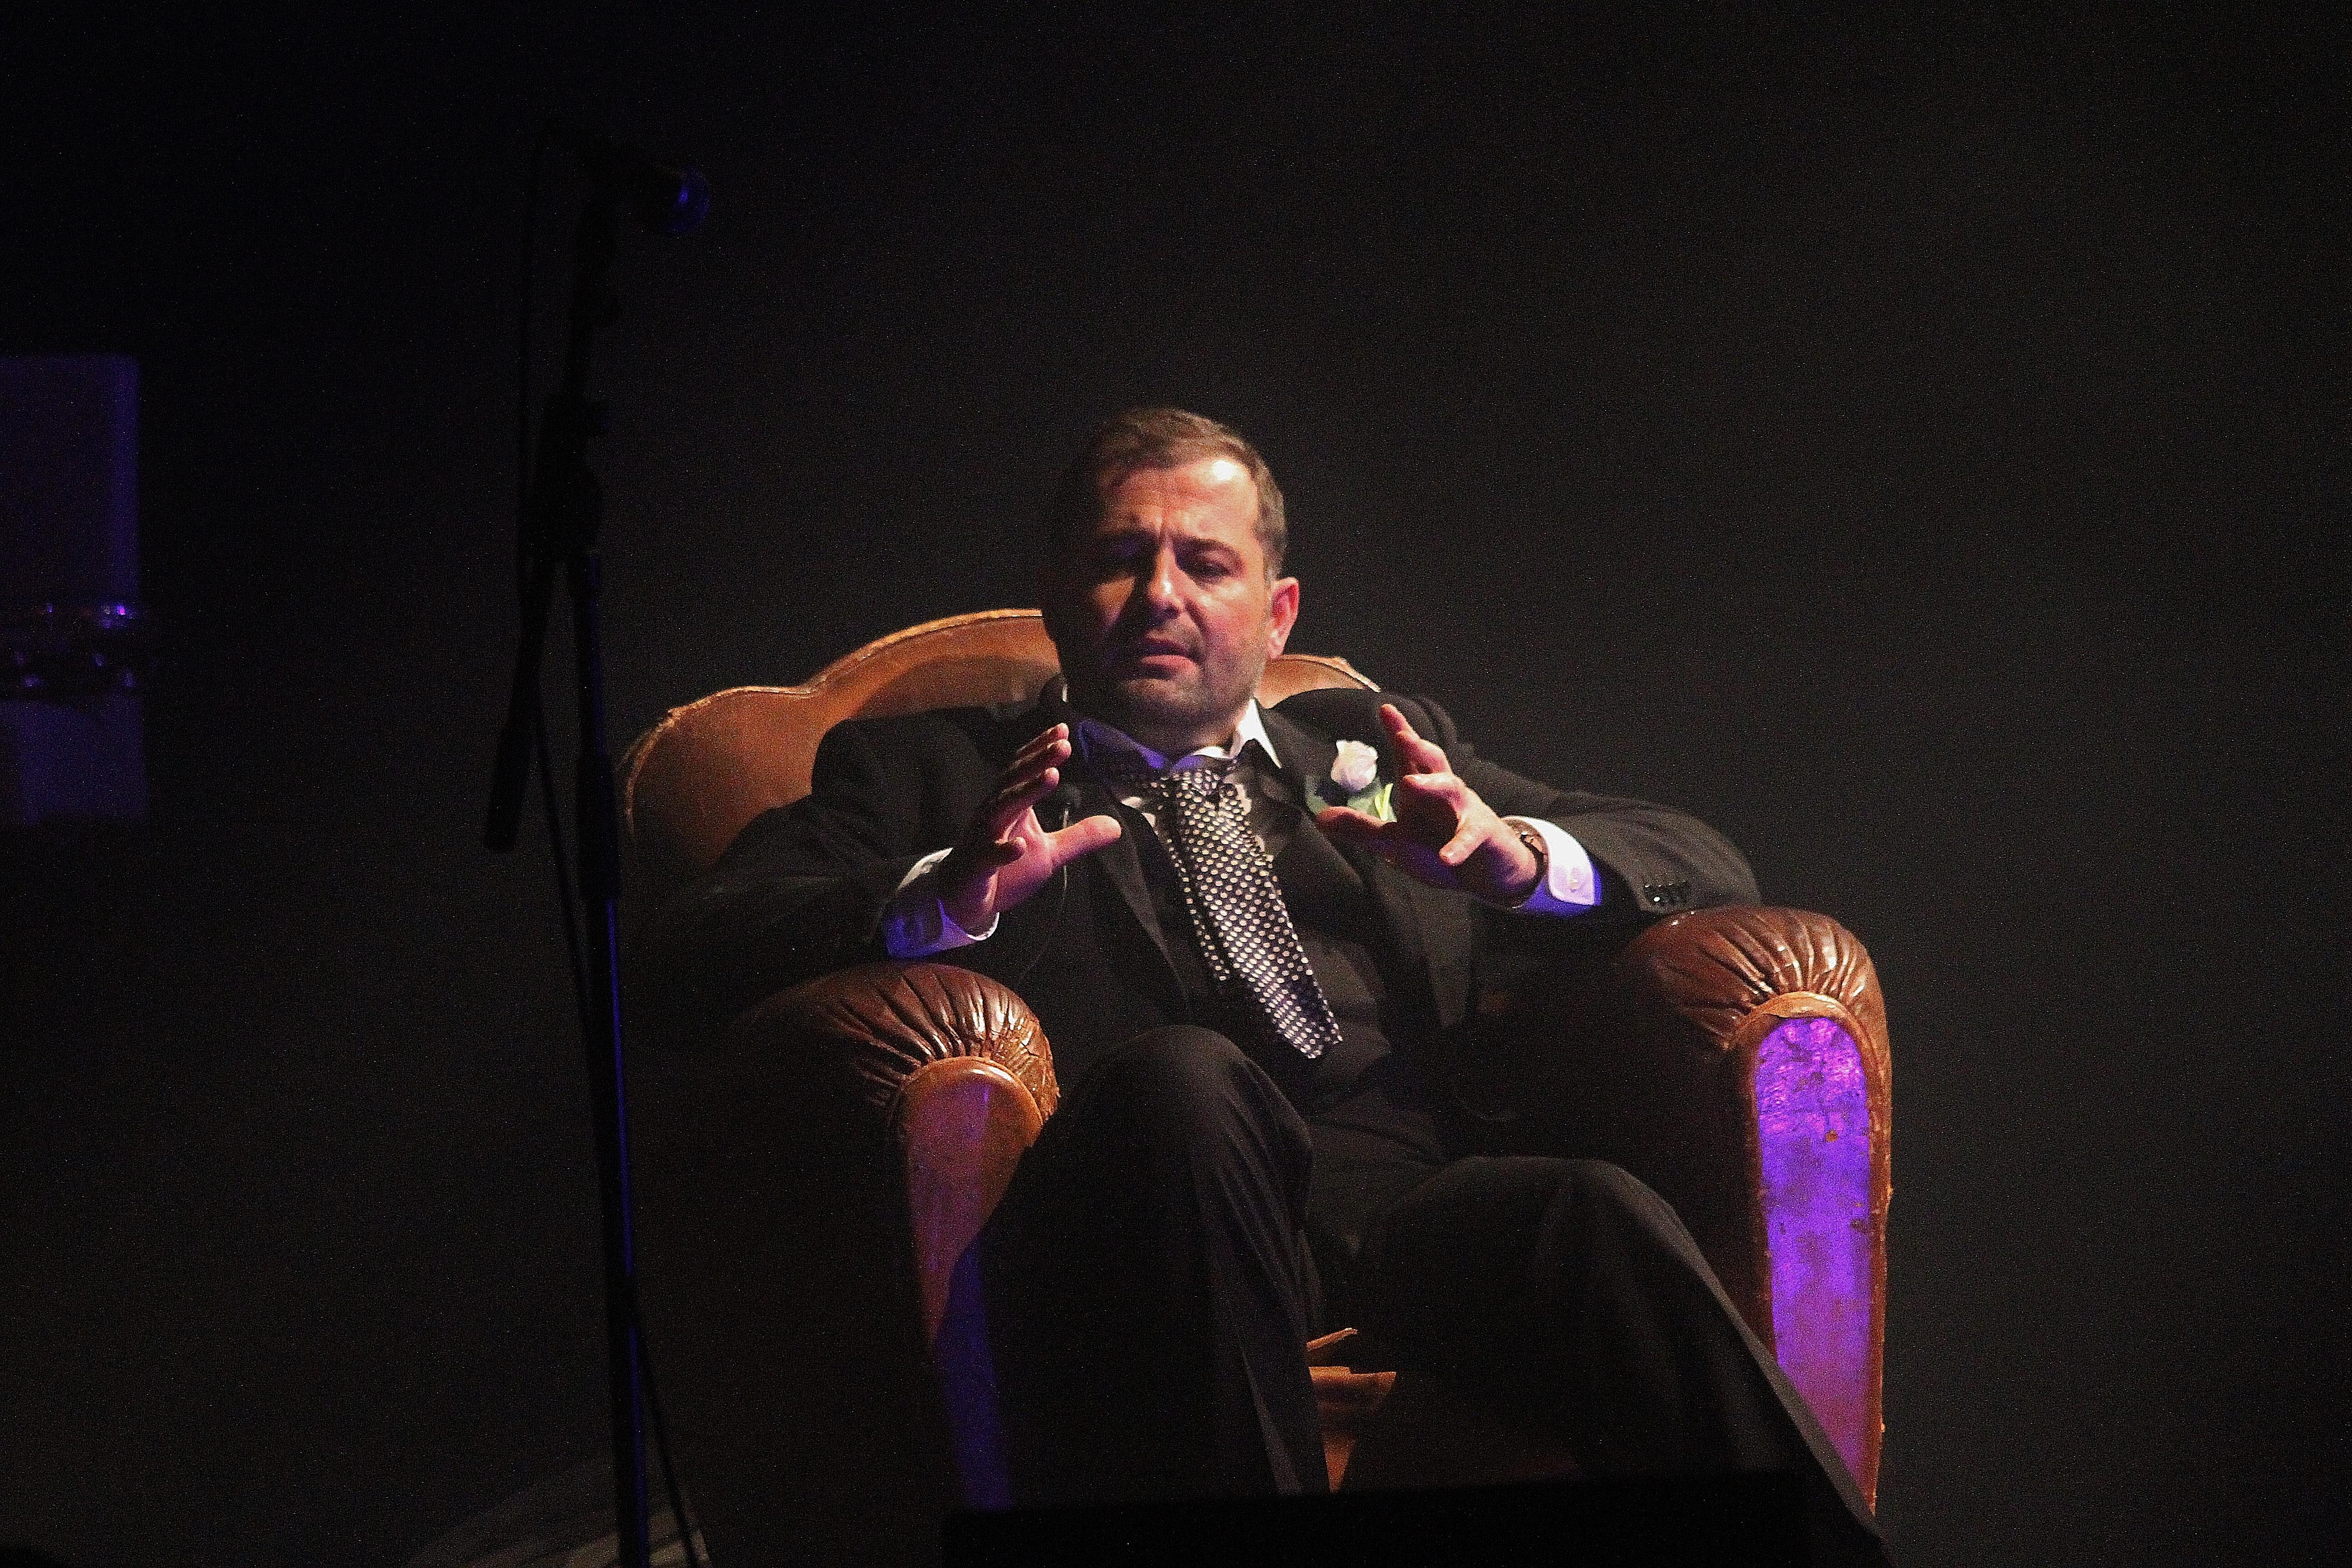 Paul Mancini prochain invité des Scontri de San Benedetto.